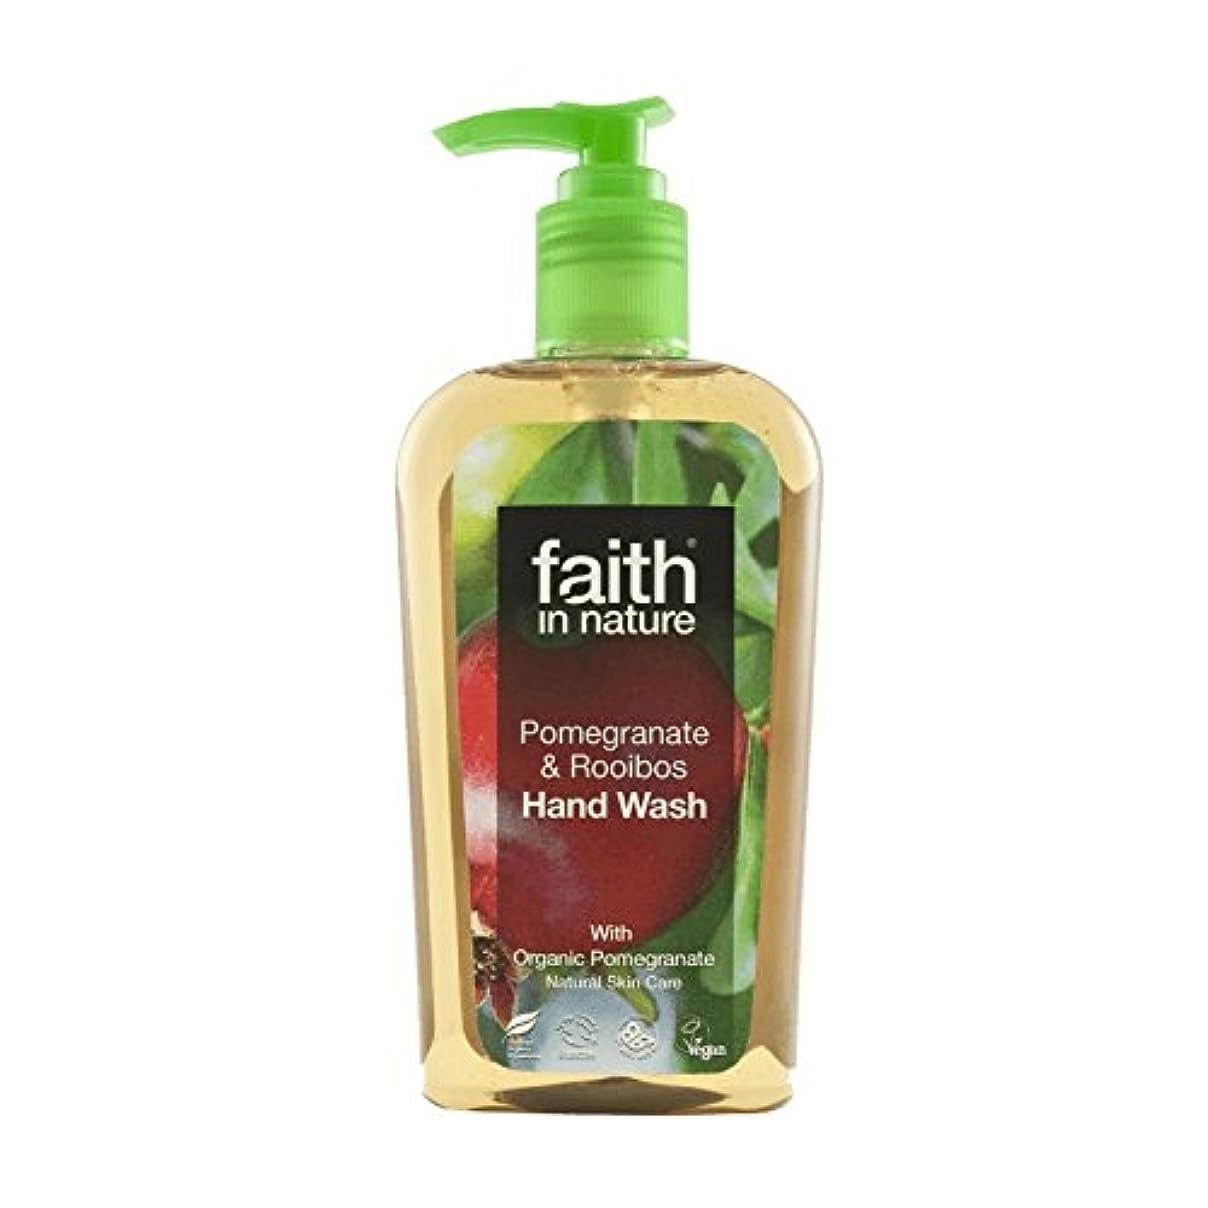 犬貫通する快適Faith In Nature Pomegranate & Rooibos Handwash 300ml (Pack of 2) - 自然ザクロ&ルイボス手洗いの300ミリリットルの信仰 (x2) [並行輸入品]